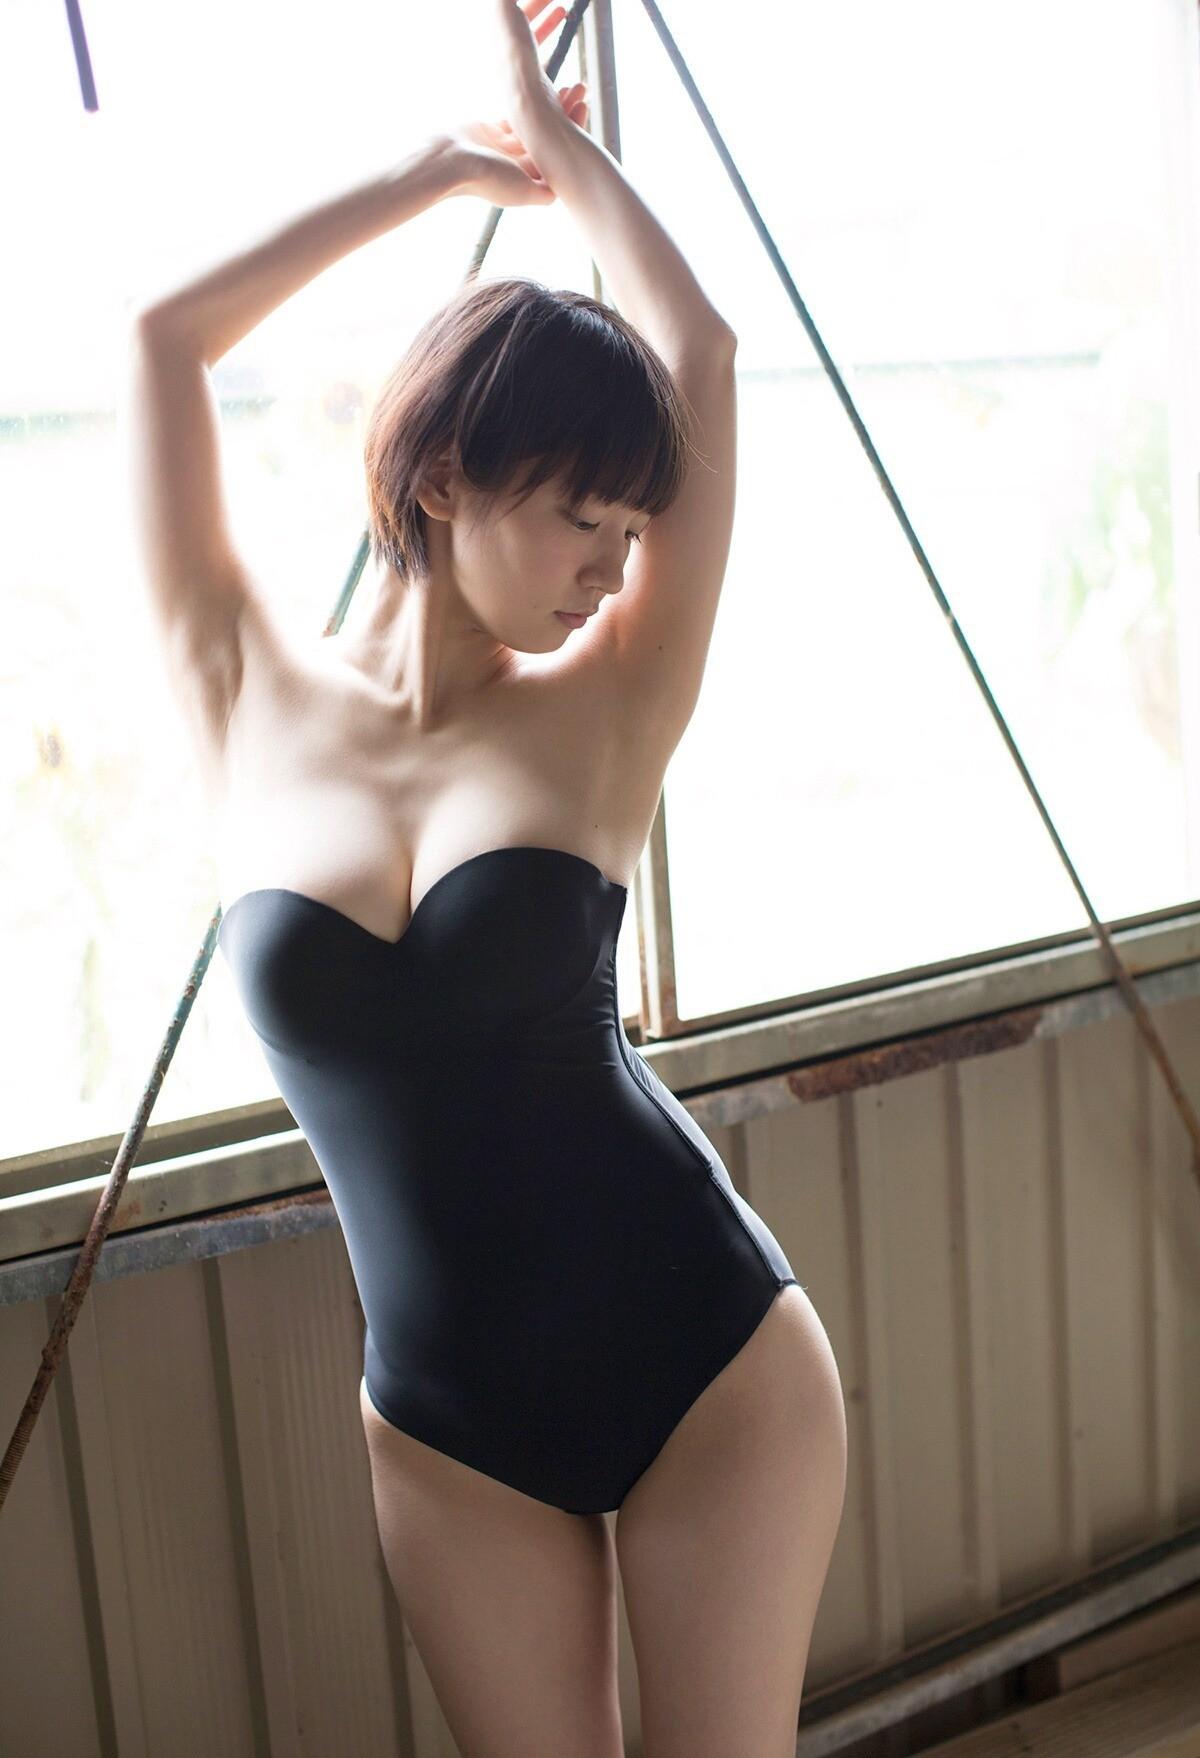 【腋フェチエロ画像】くすぐったくても容赦なくw超絶舐めたい美女の腋下www 11